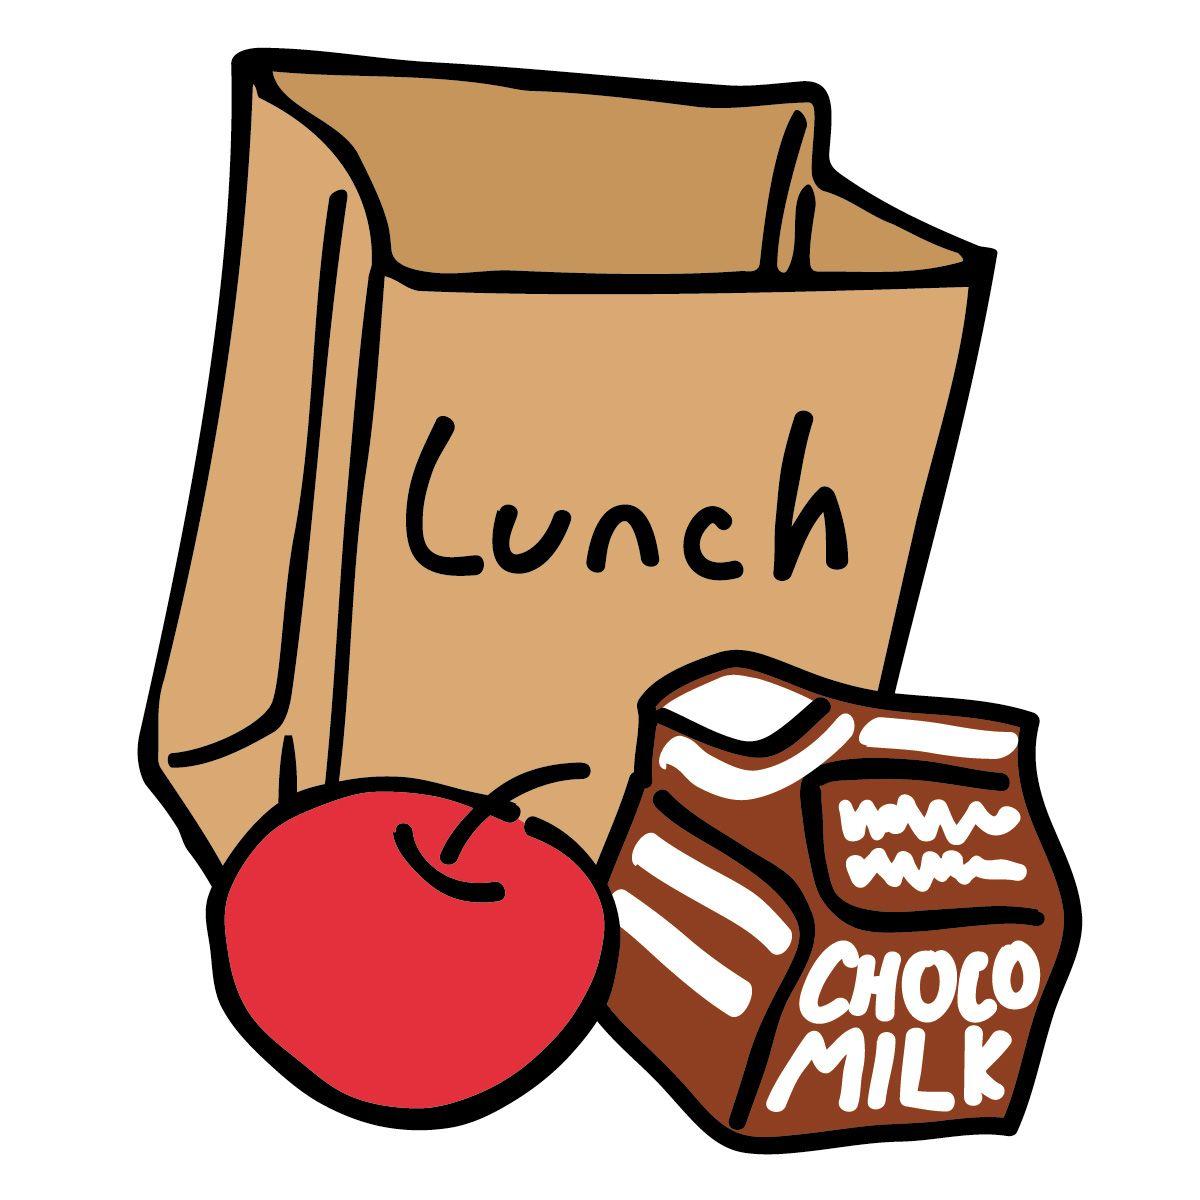 1200x1200 Yo Tengo Almuerzo A Las Dose Y Viente Y Cinco. El Almuerzo Es La